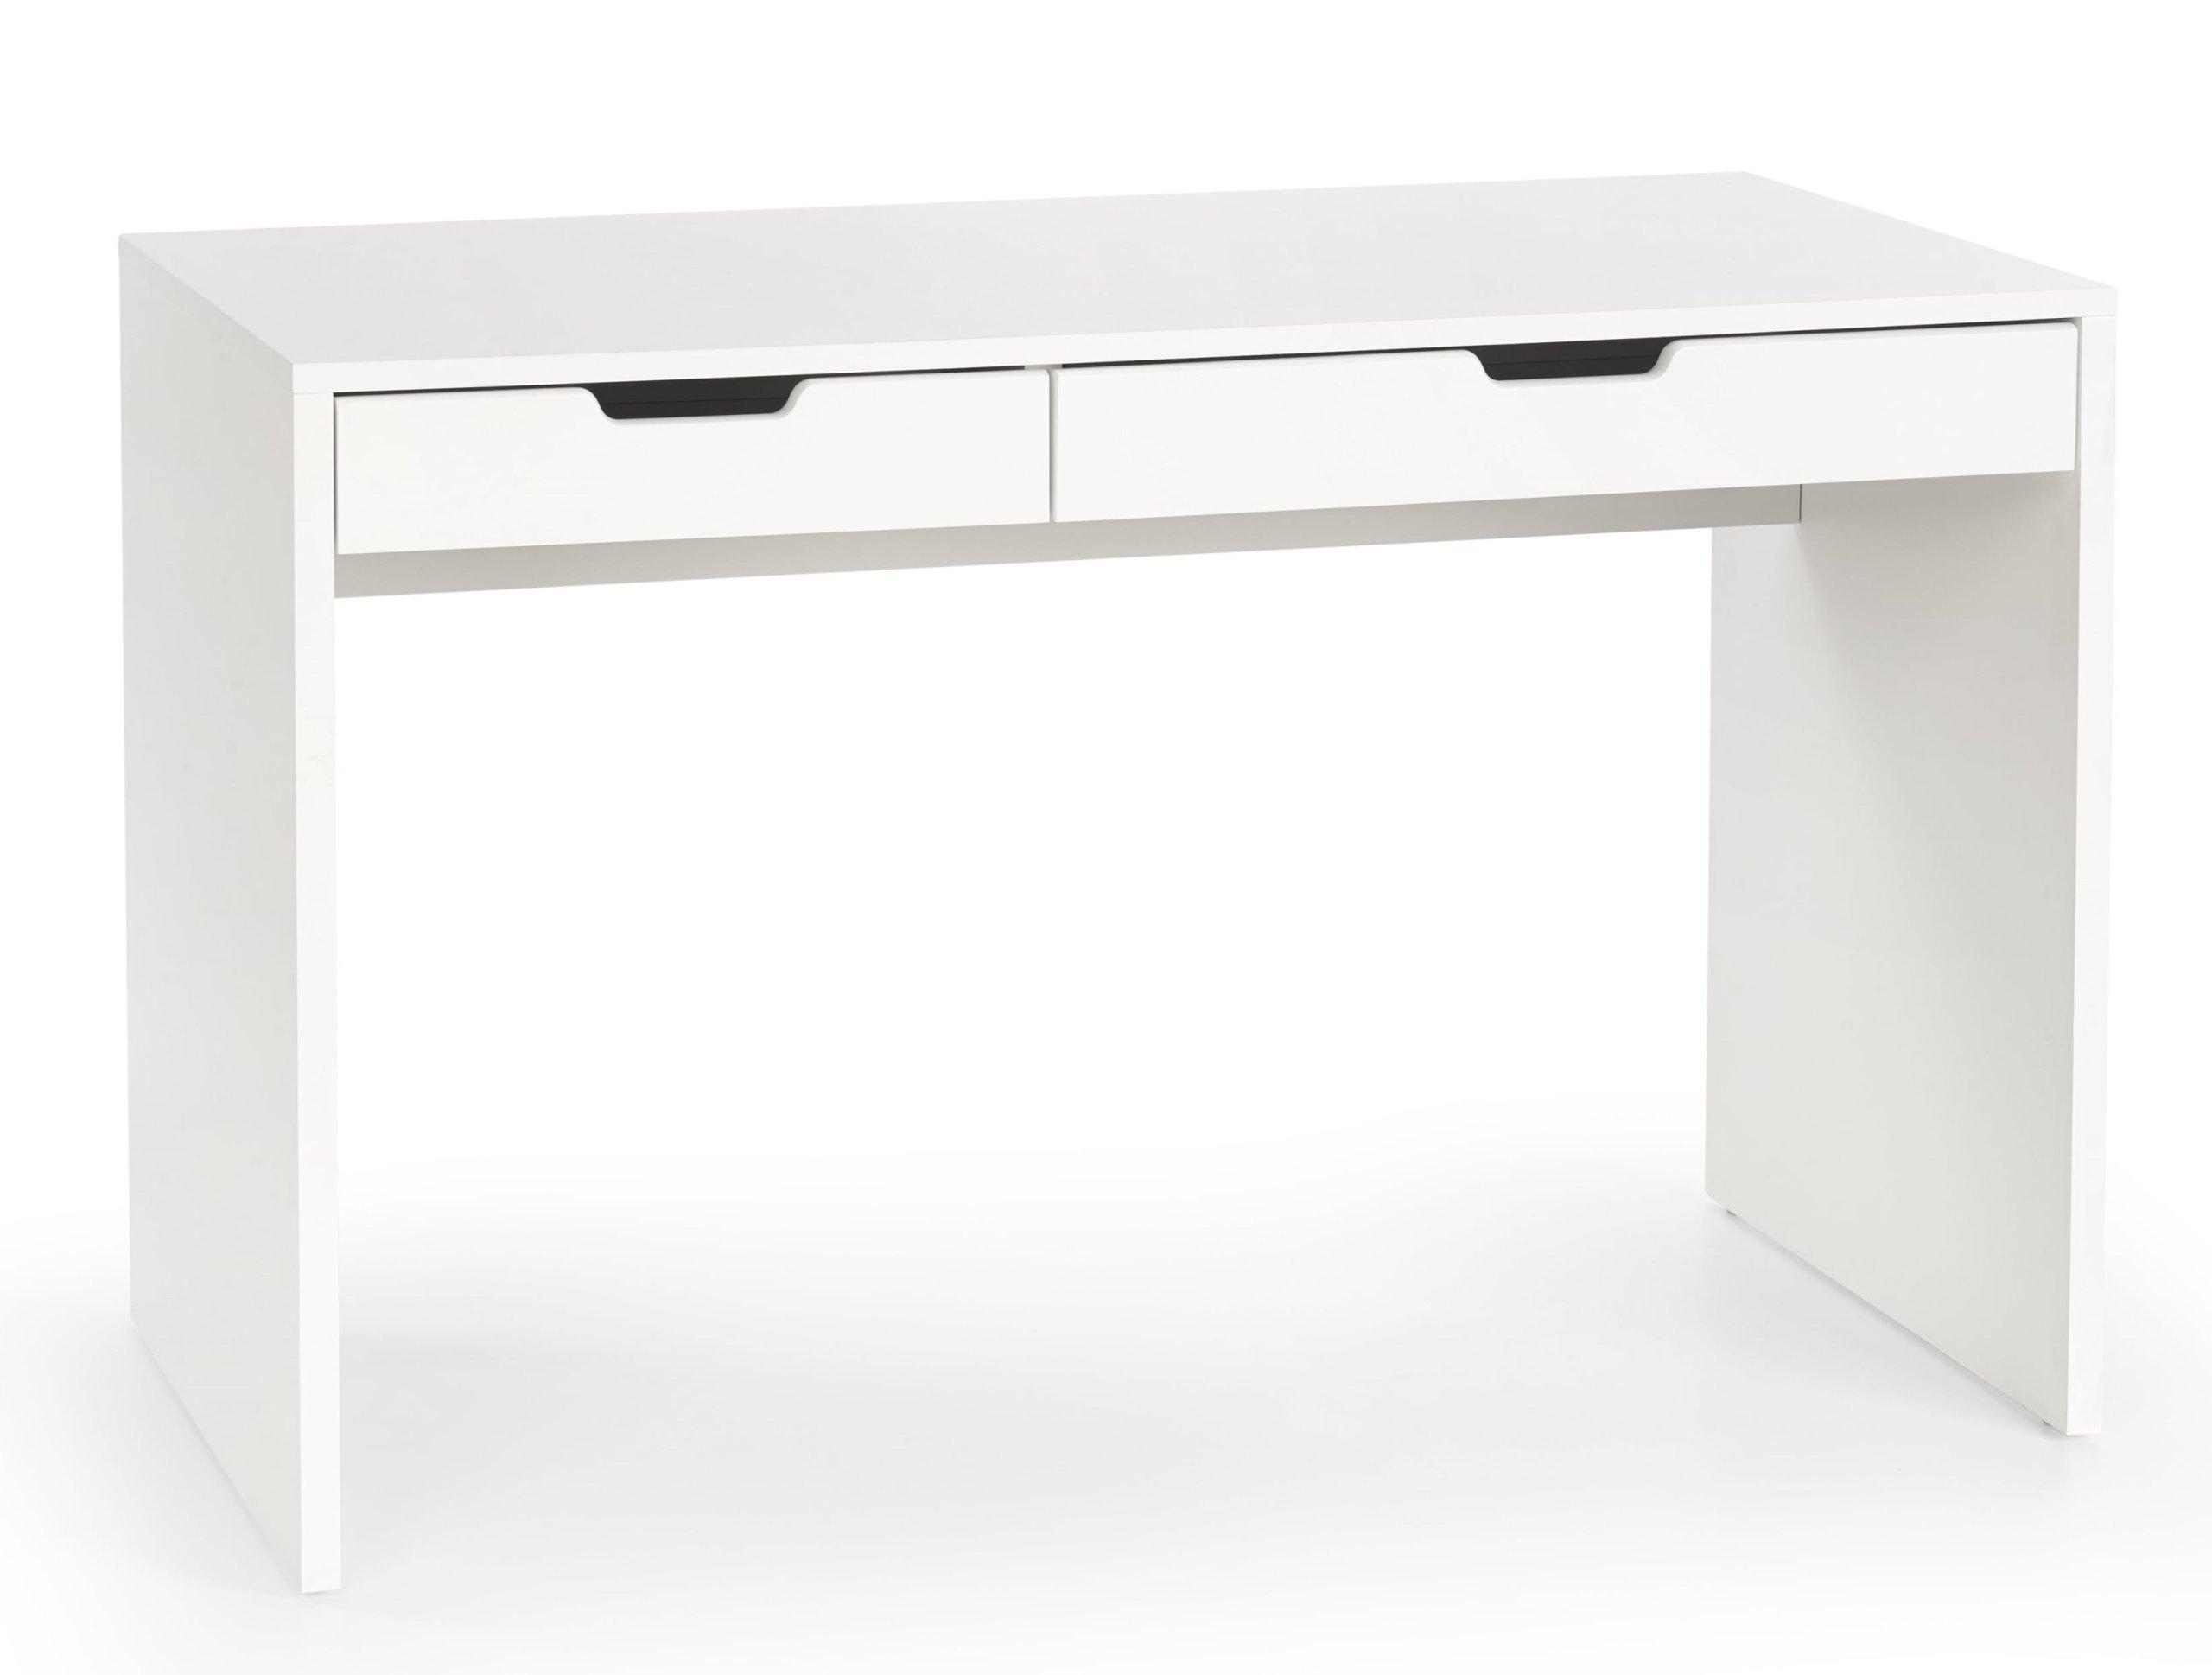 Stôl, biela ESKIMO 120x60 tabuľky laboratórne tabuľky